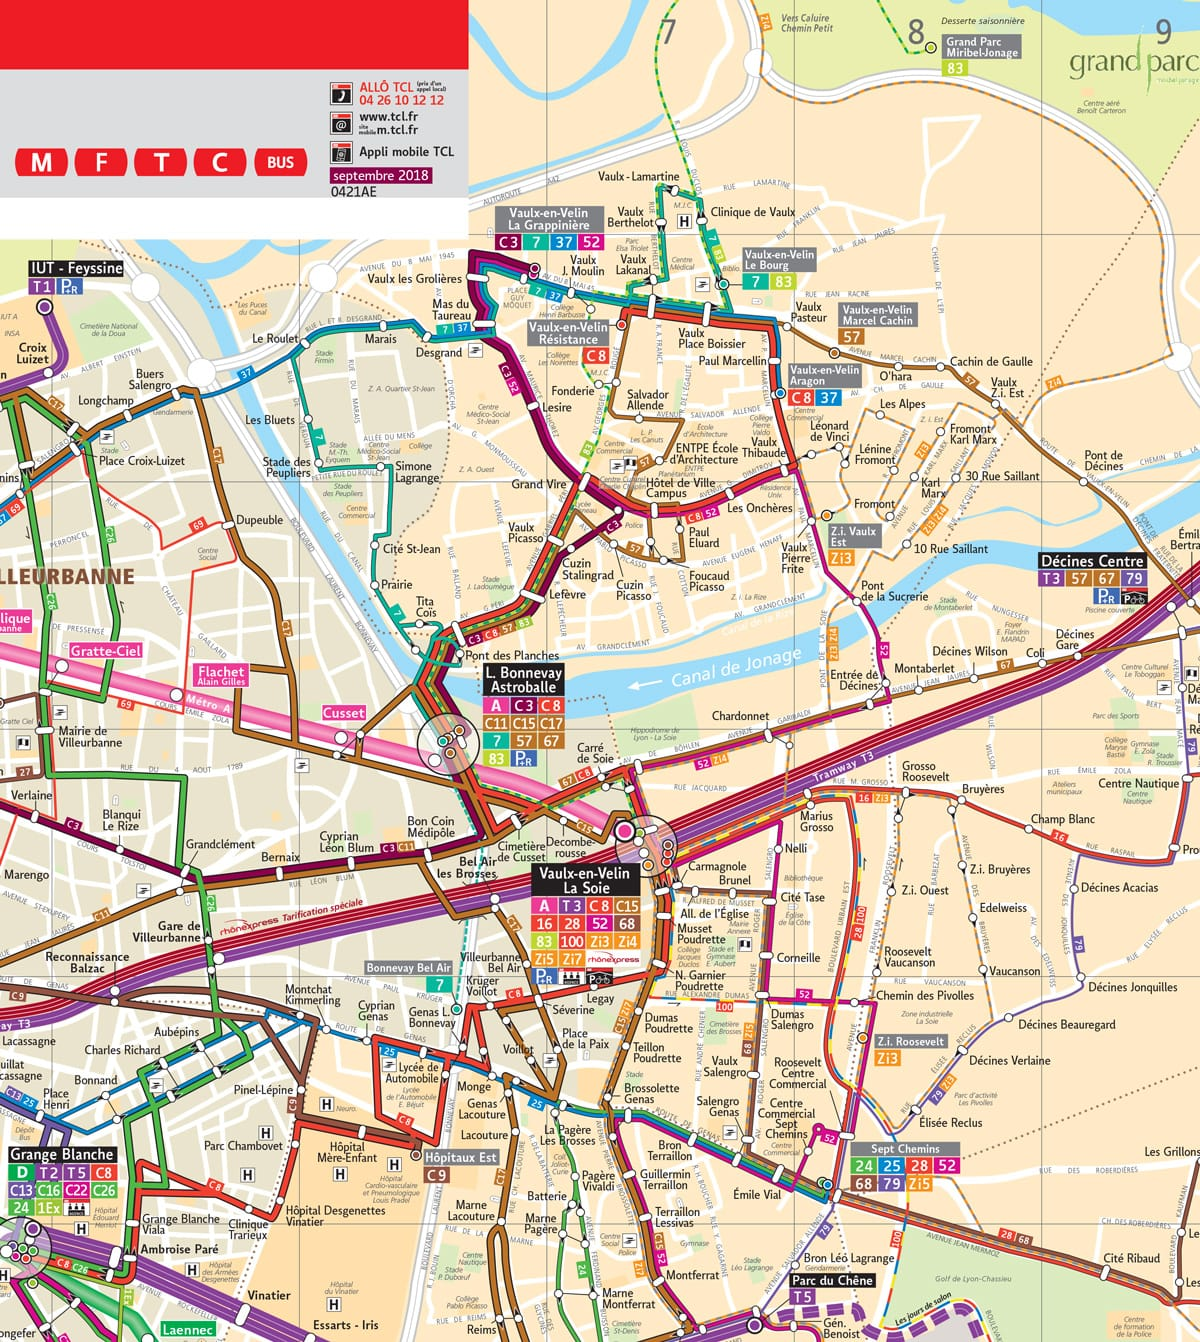 Carte des transports en commun